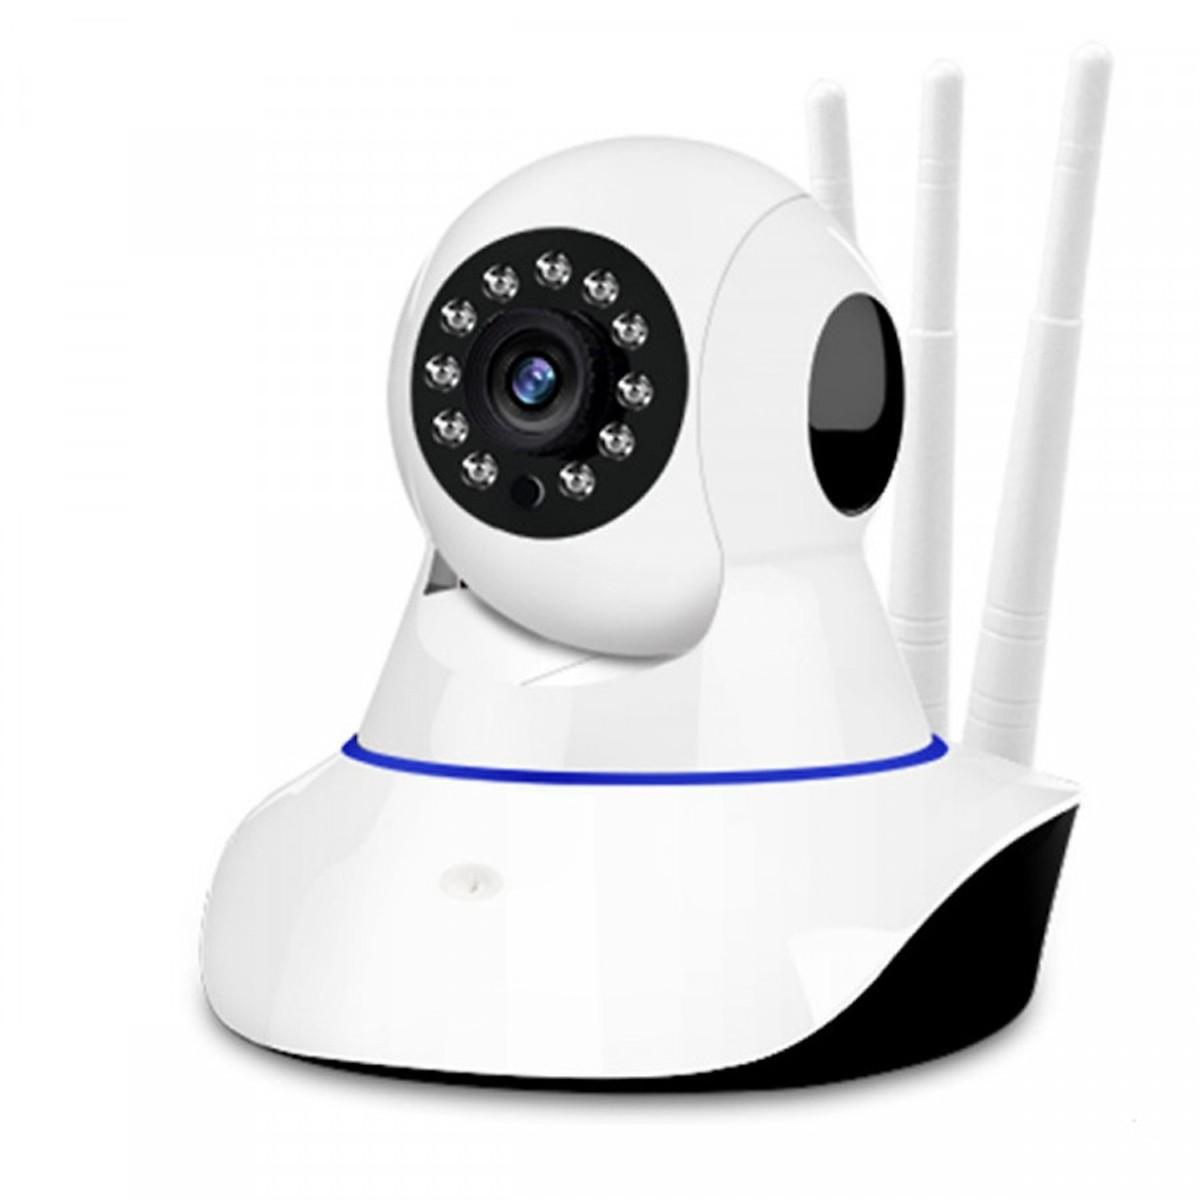 Combo Camera Yoosee 3 Râu 2.0MP độ phân giải FullHD 1080P, Xoay 360 độ, đàm thoại 2 chiều và thẻ nhớ Kingston 32Gb - Hàng Nhập Khẩu